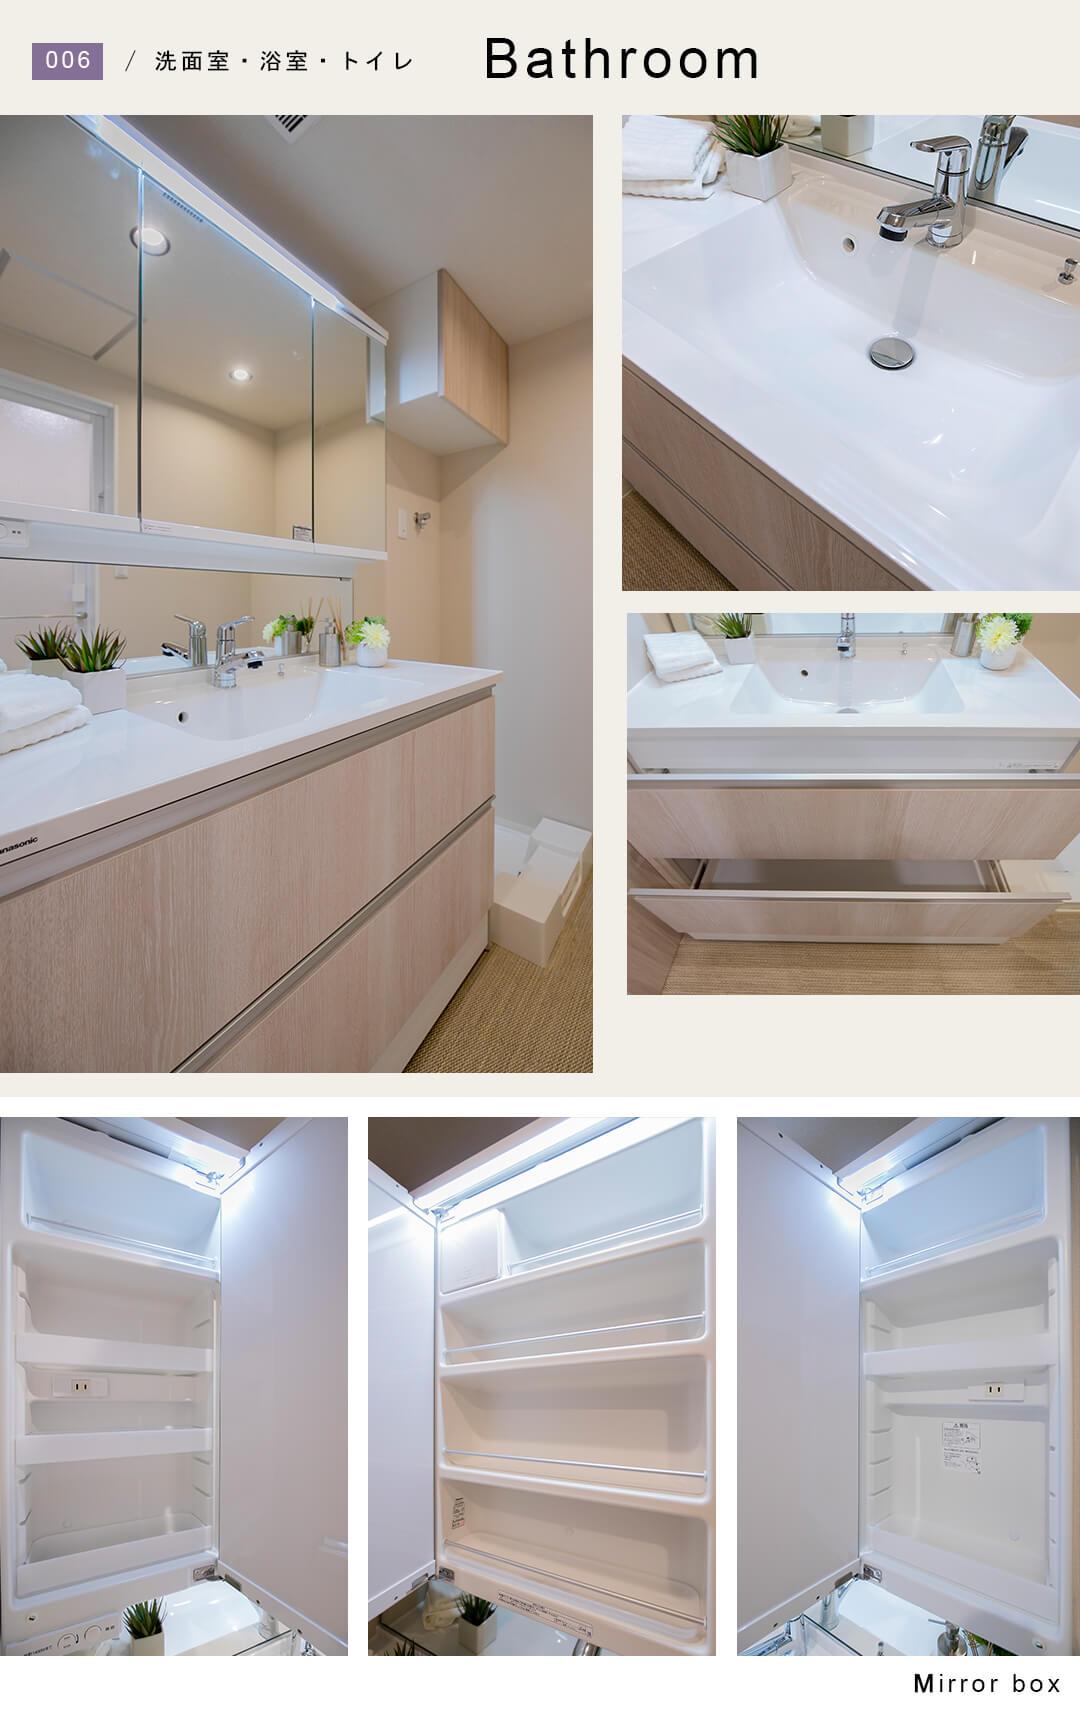 ダイナシティ南阿佐ヶ谷の洗面室